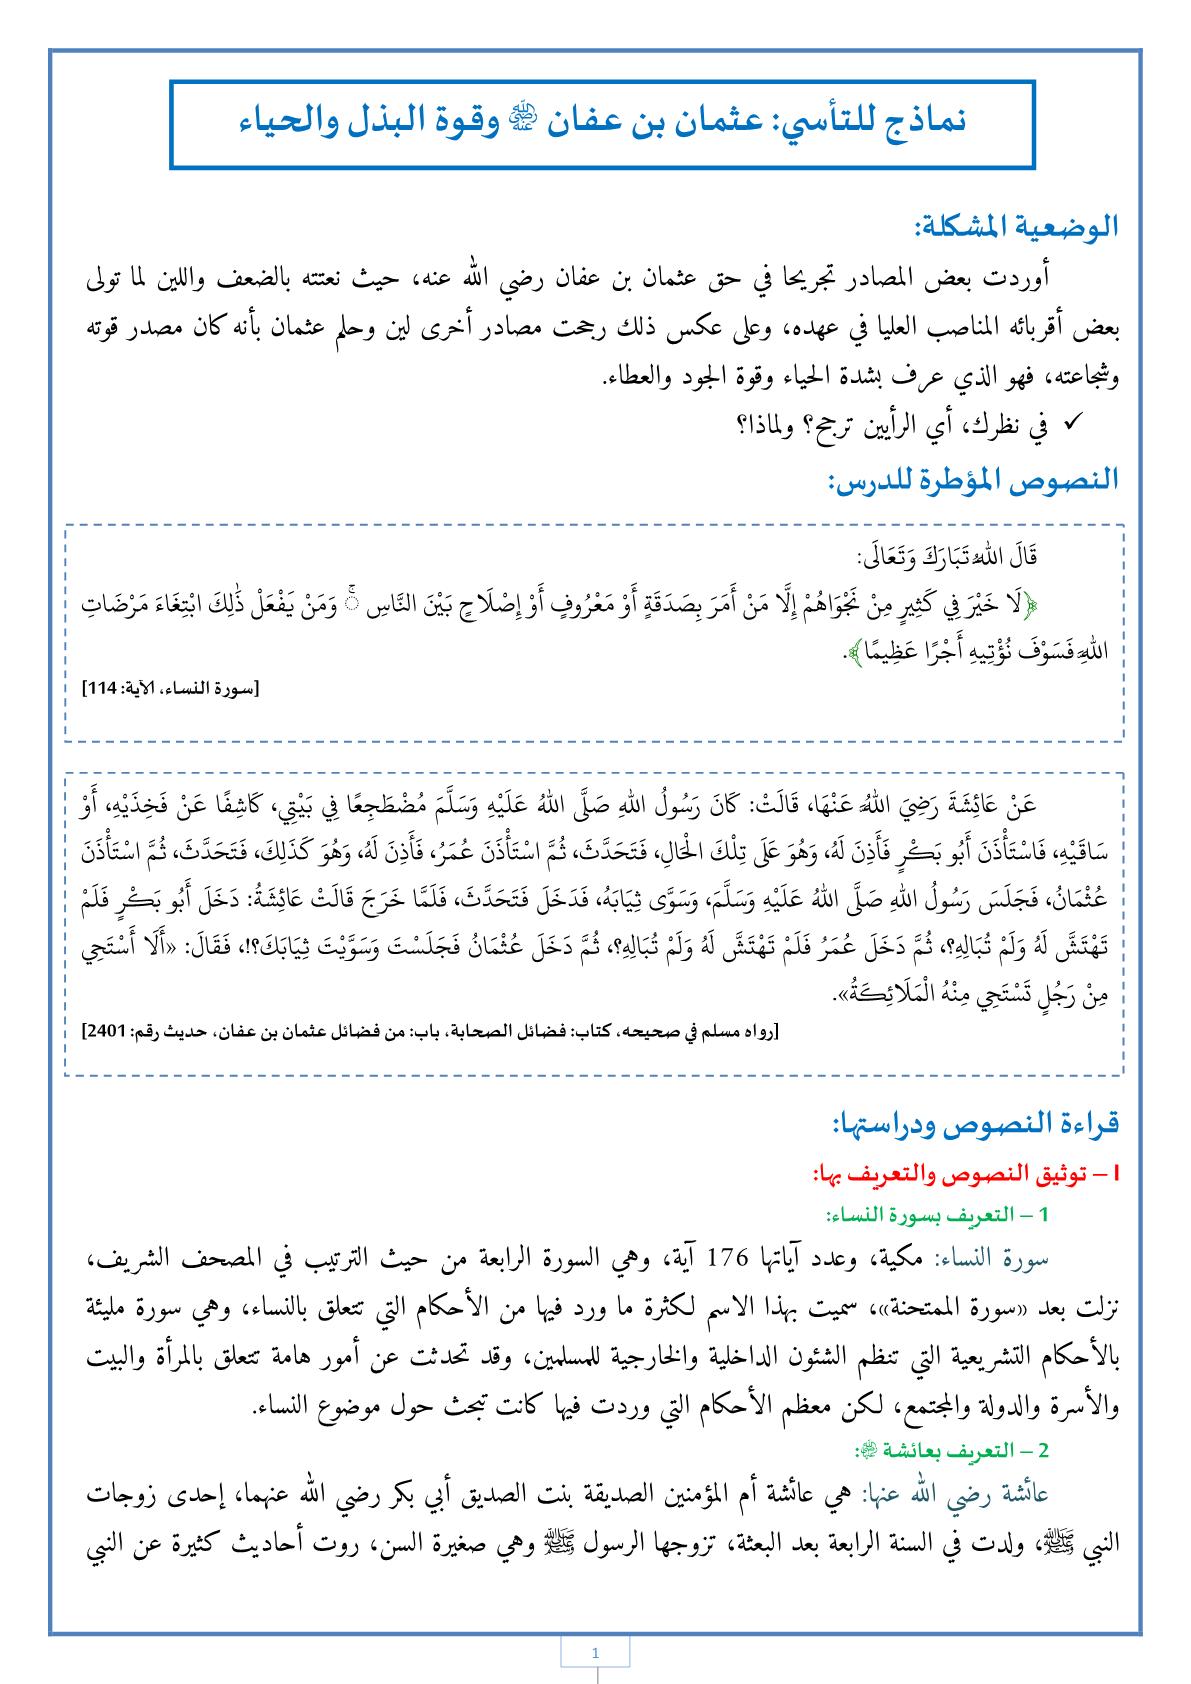 نماذج للتأسي عثمان بن عفان رضي الله عنه وقوة البذل والحياء أولى باك